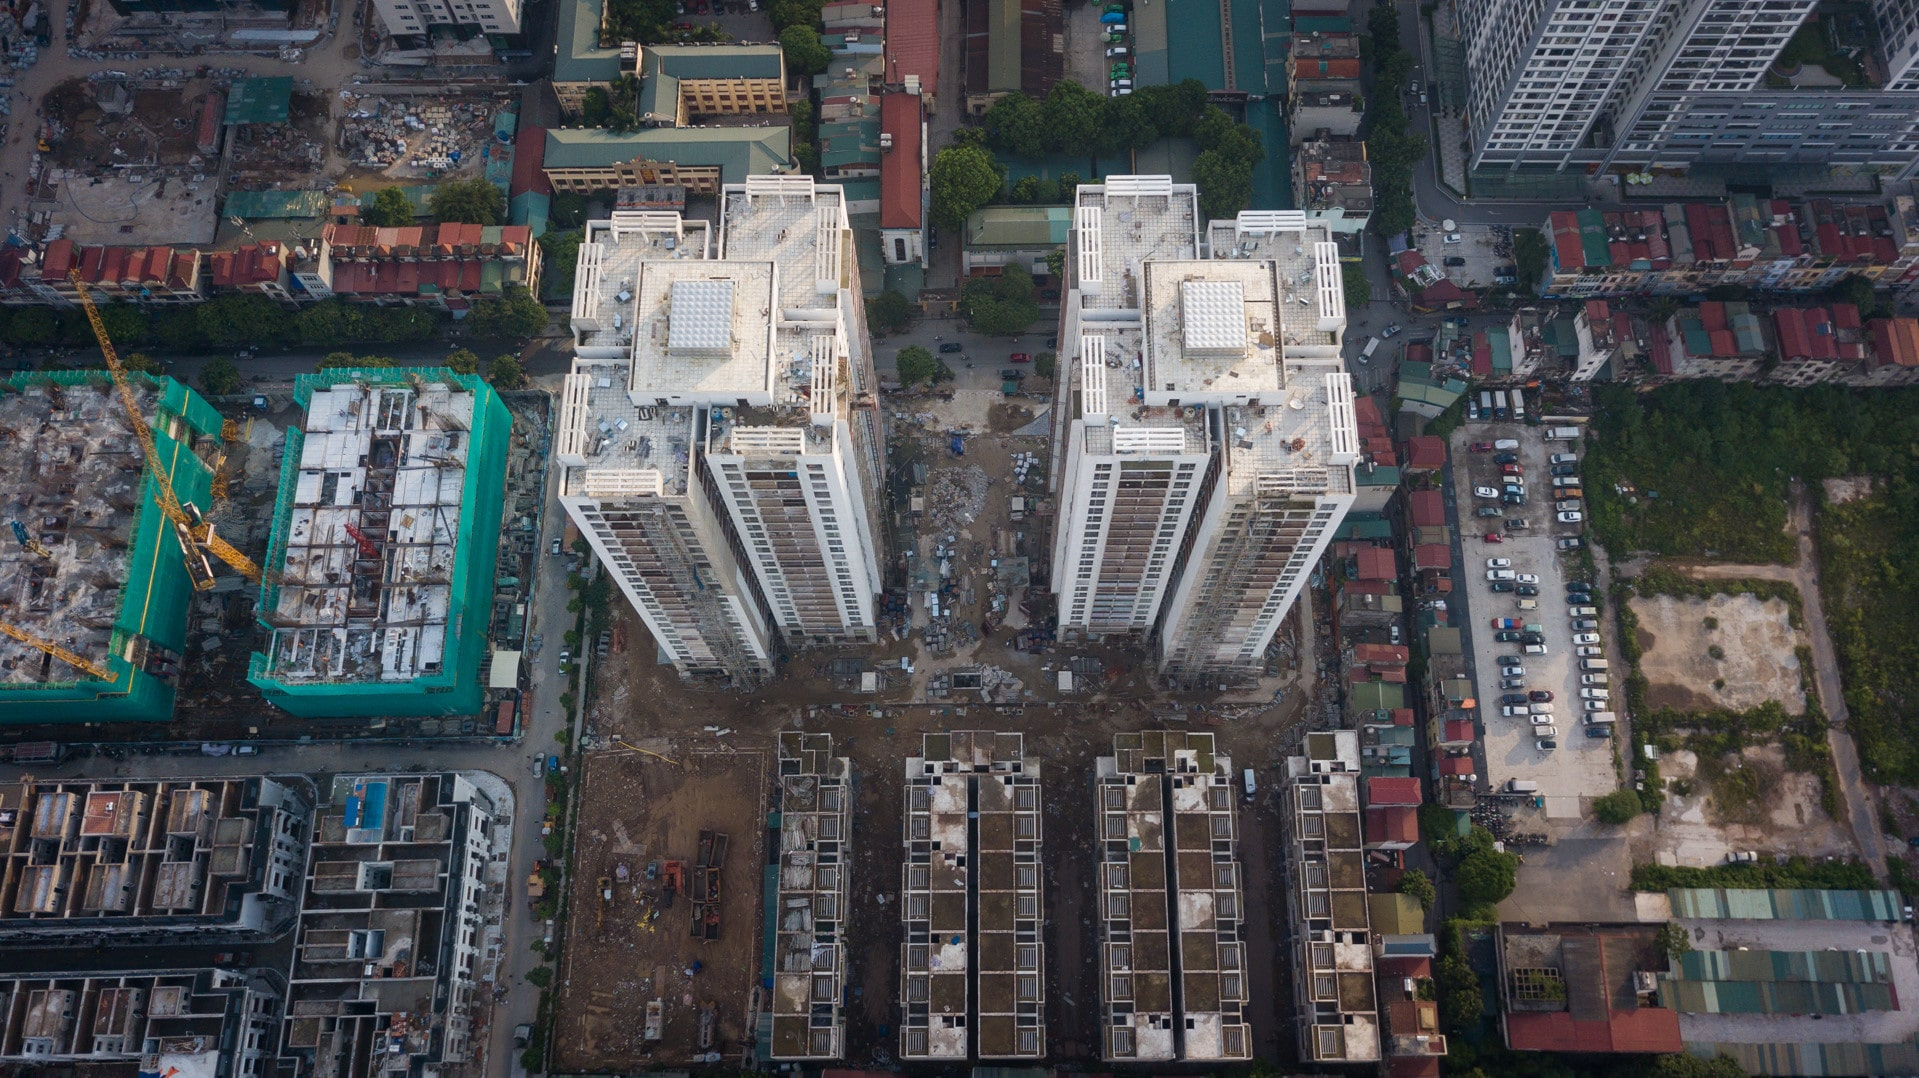 chung cư thống nhất complex thực tế dự án